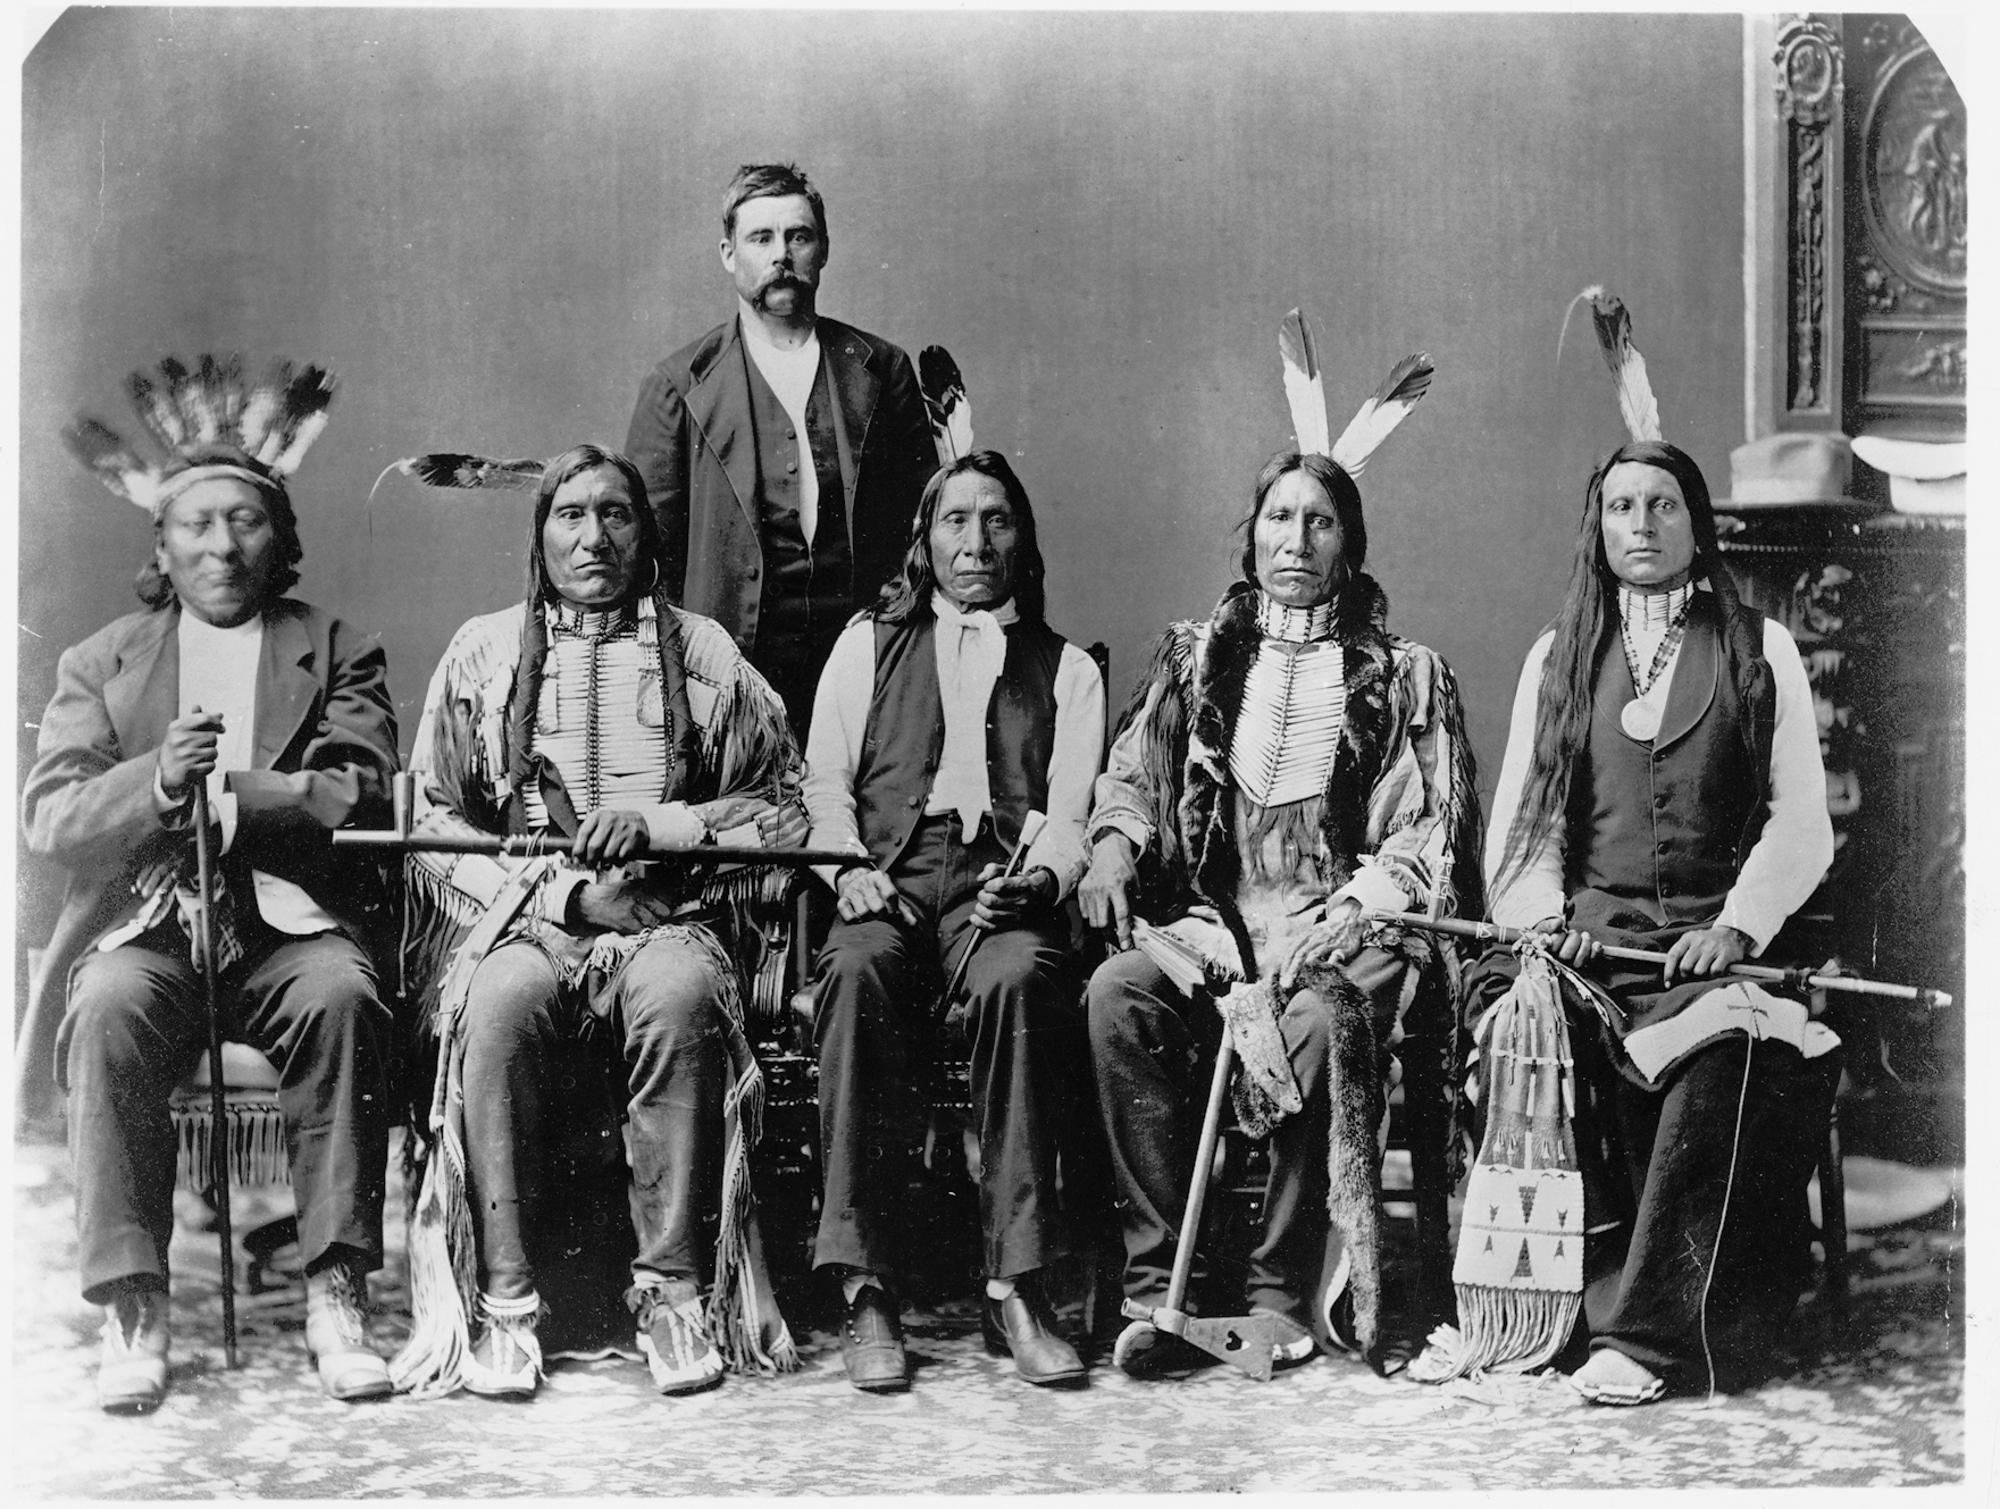 Jedna z kilku delegacji do Waszyngtonu, jakie od roku 1870roku do lat dziewięćdziesiątych XIX w. prowadził Czerwona Chmura (w środku). Jako rzecznik interesów Siuksów spotykał się zwładzami, w tym z prezydentami (fot. za zgodą American Heritage Center, University of Wyoming)